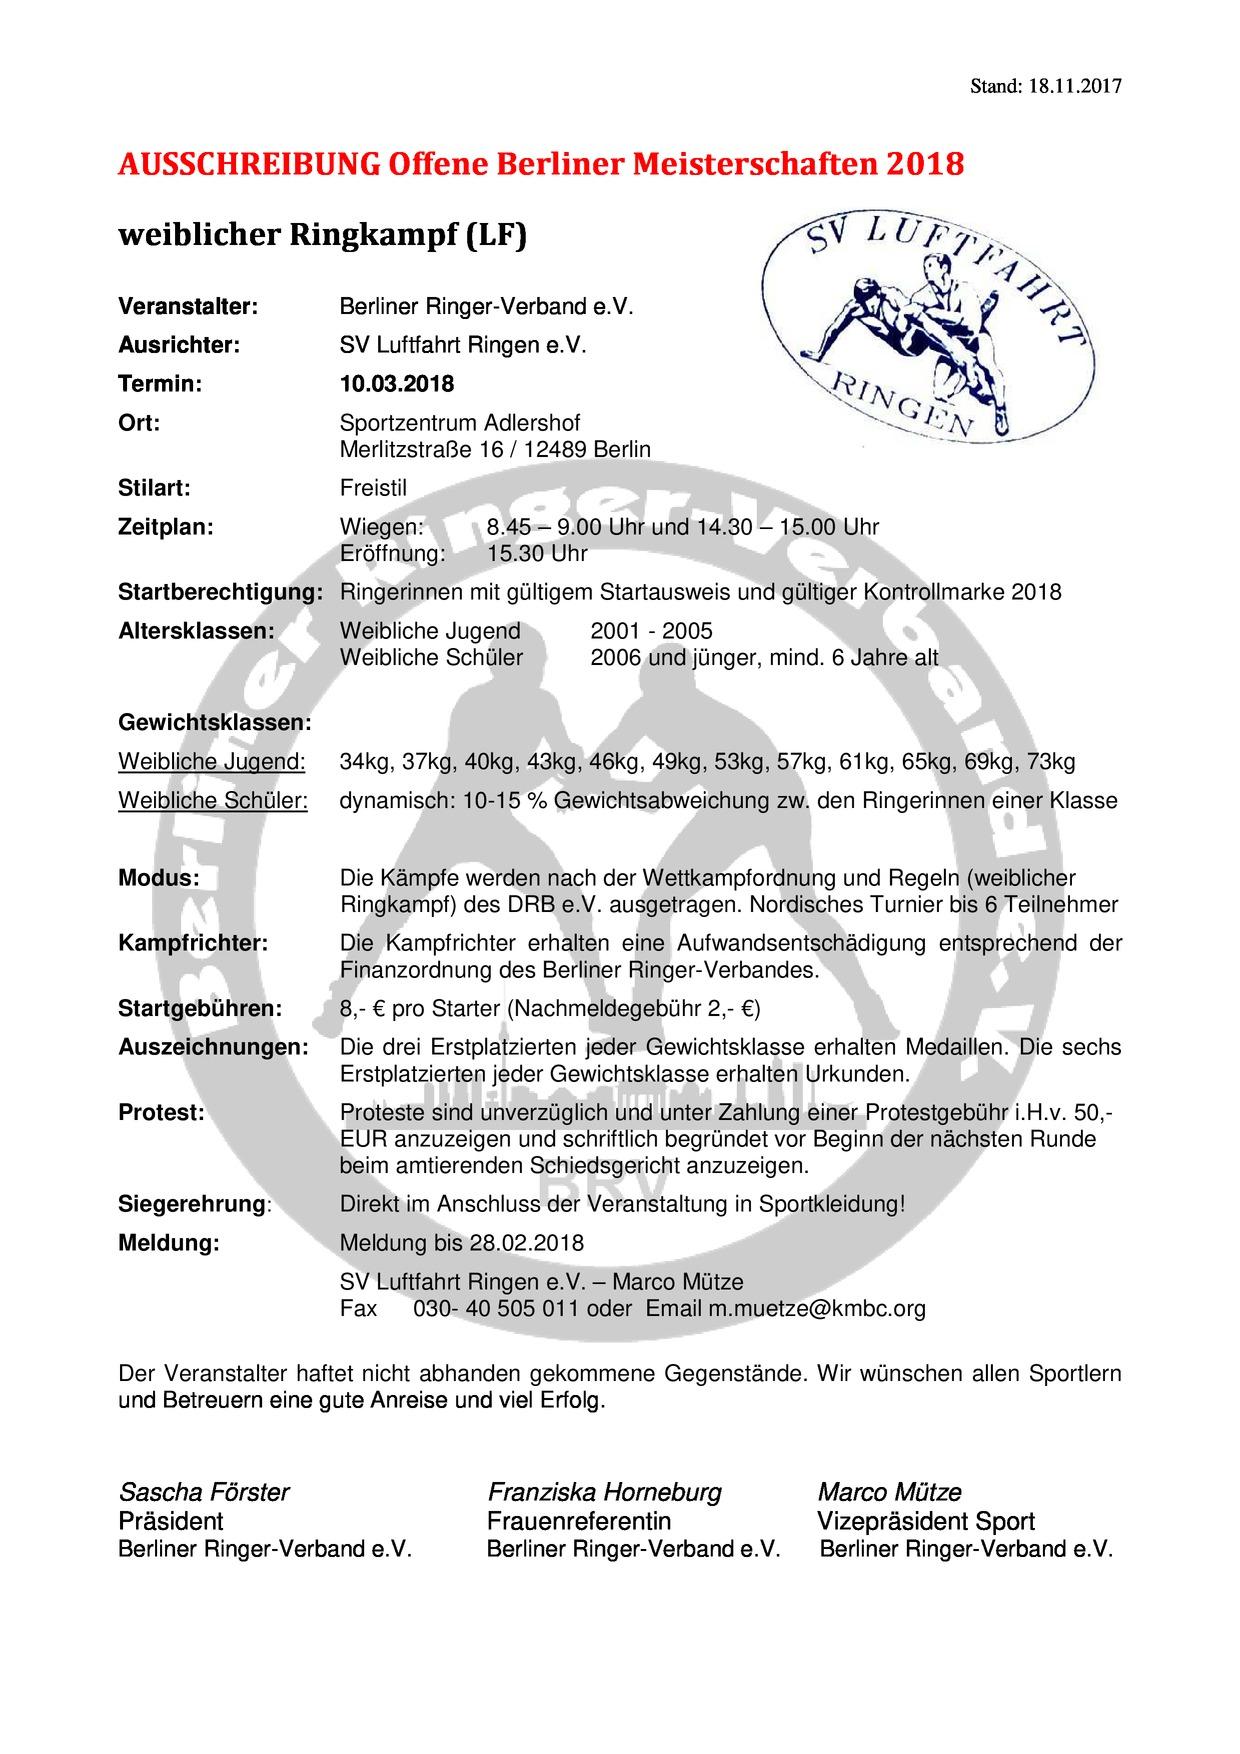 Offene Berliner Meisterschaft weiblicher Ringkampf 2018